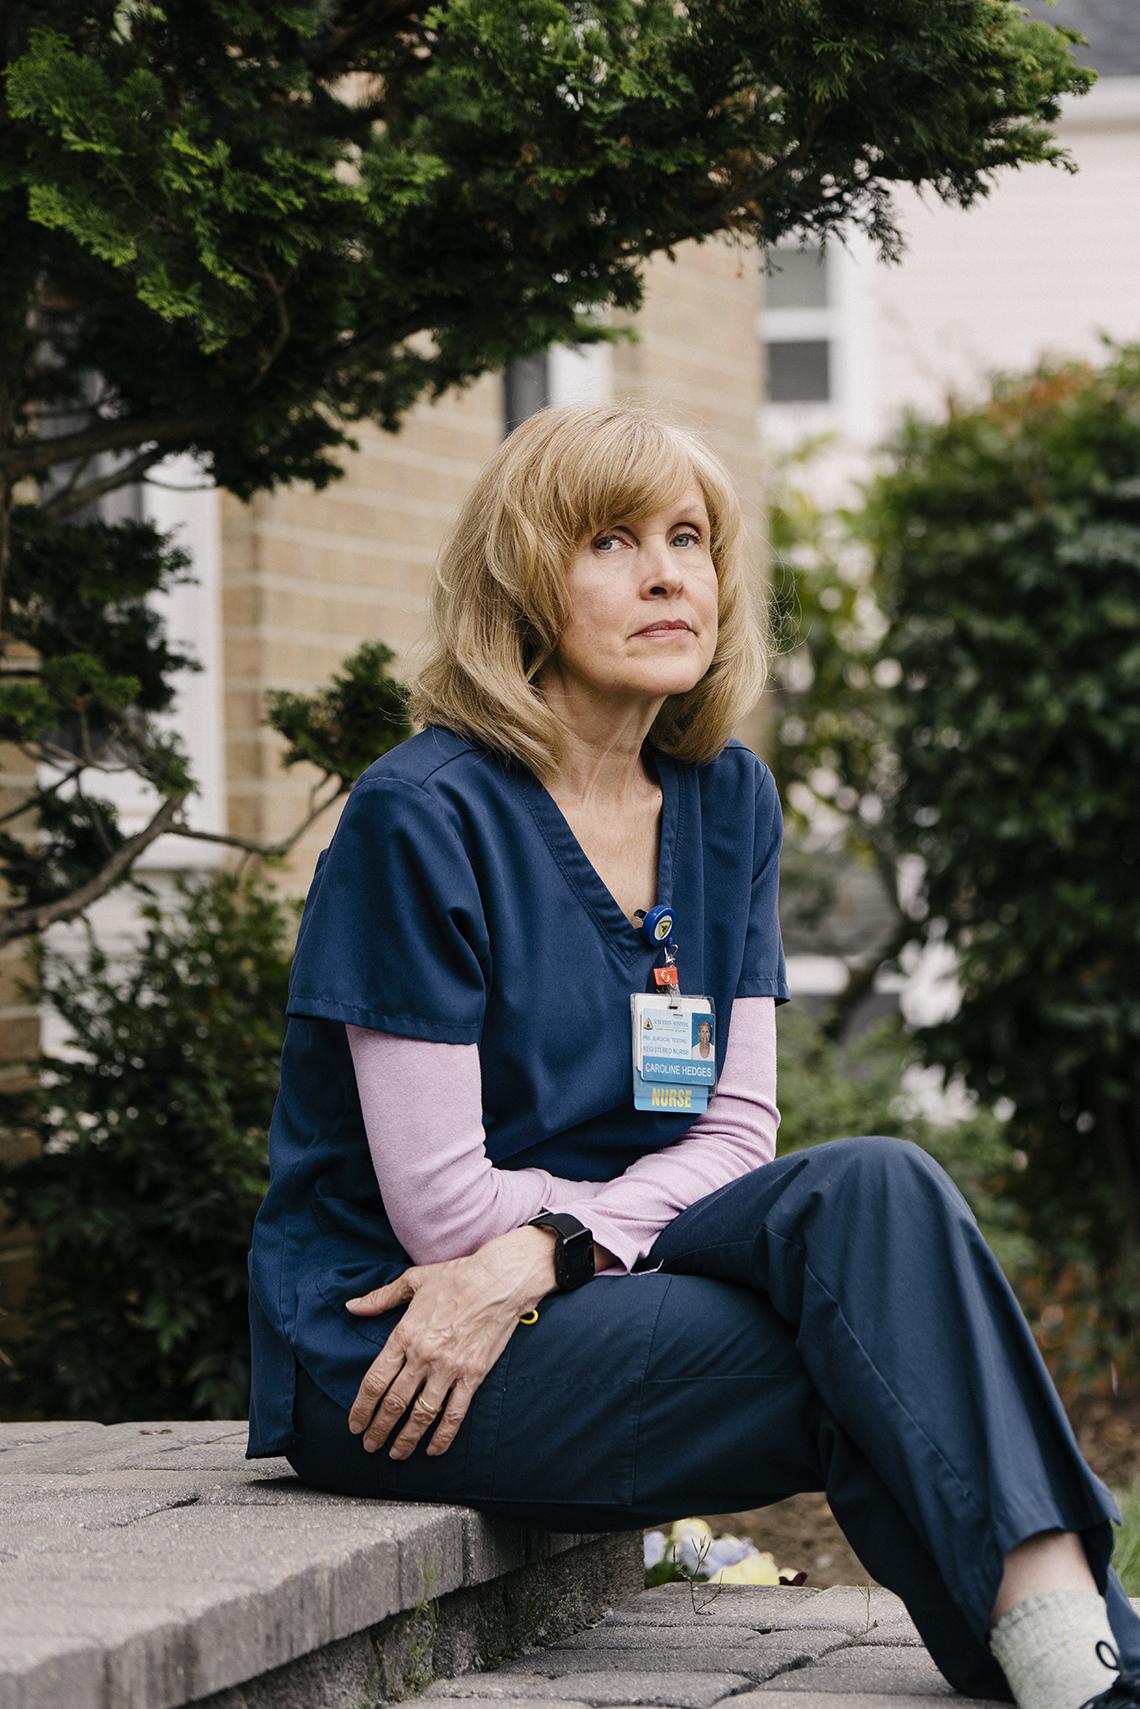 La enfermera Carrie Hedges en su uniforme